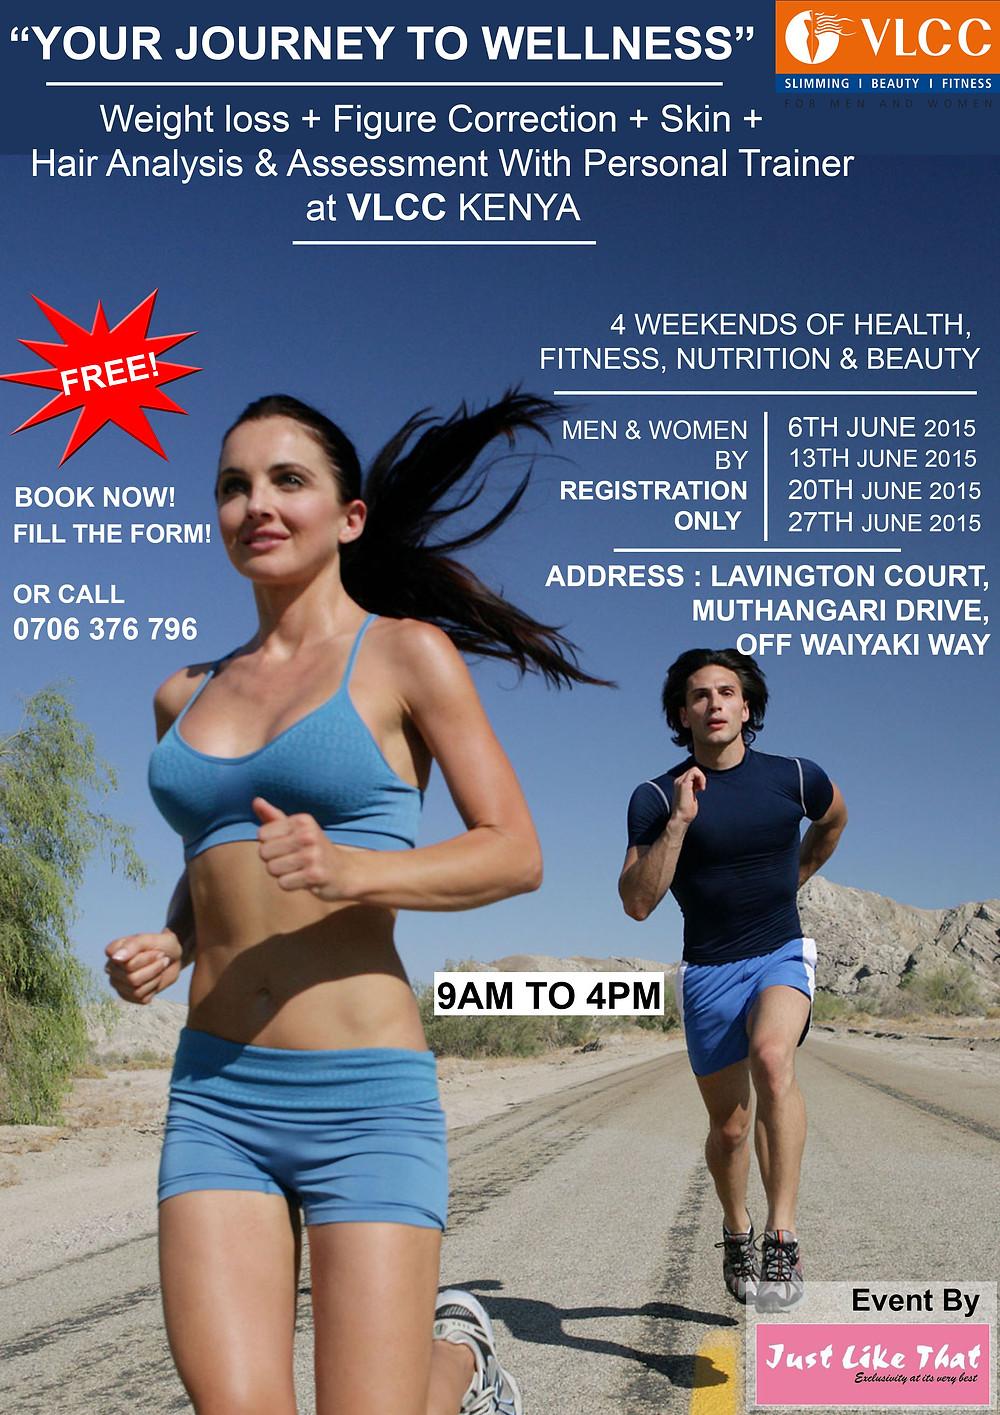 VLCC promo poster.jpg